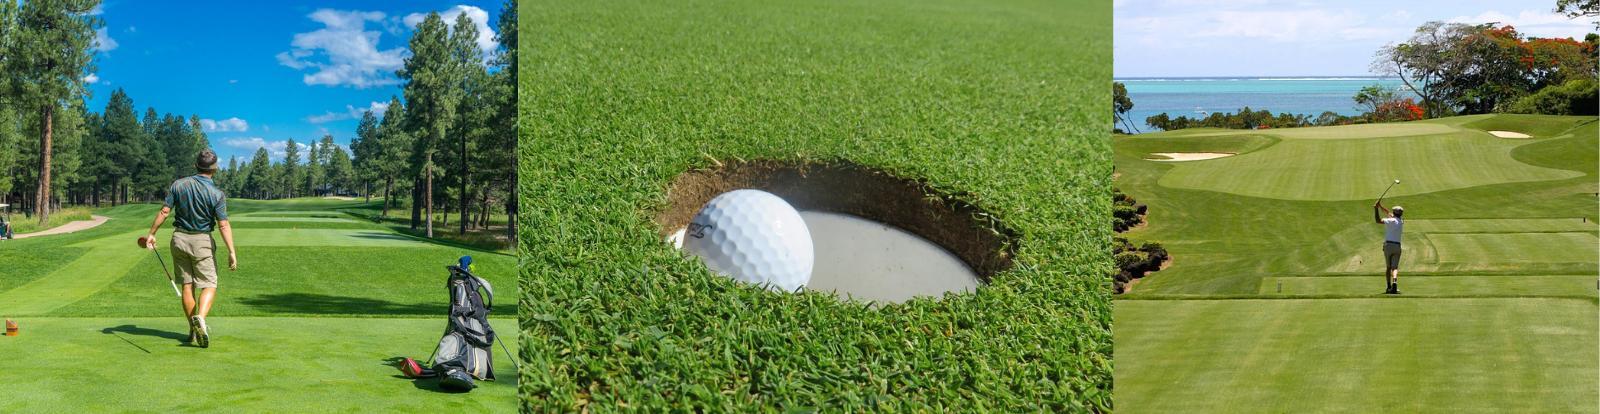 mallorca-event-golf